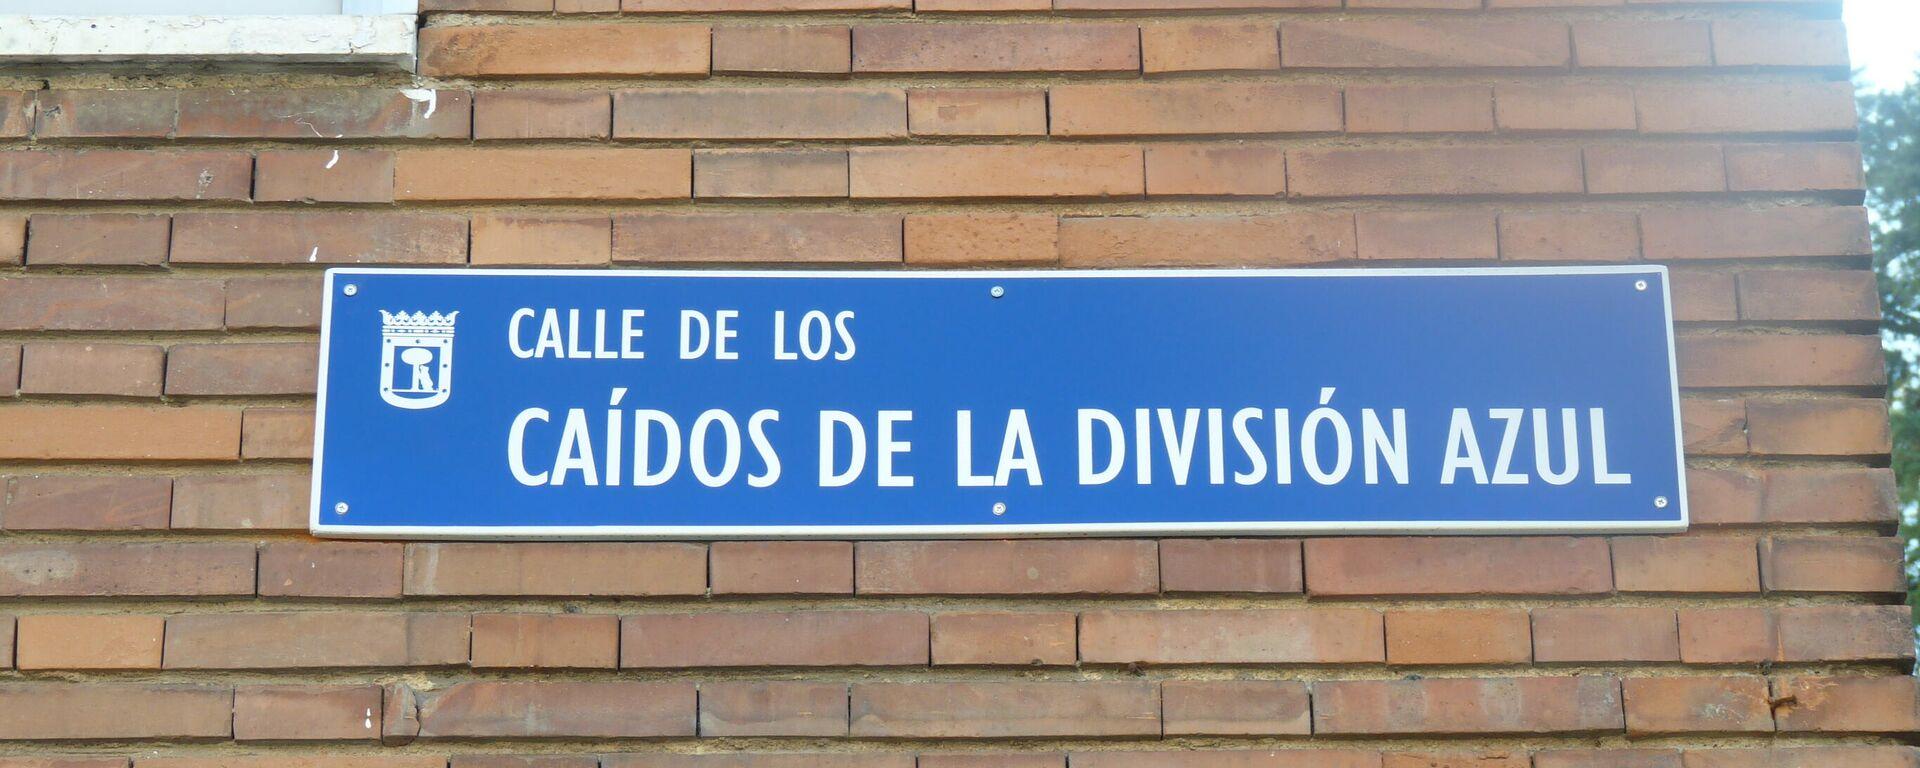 Letrero de la calle de los Caídos de la División Azul (Madrid) - Sputnik Mundo, 1920, 13.05.2021